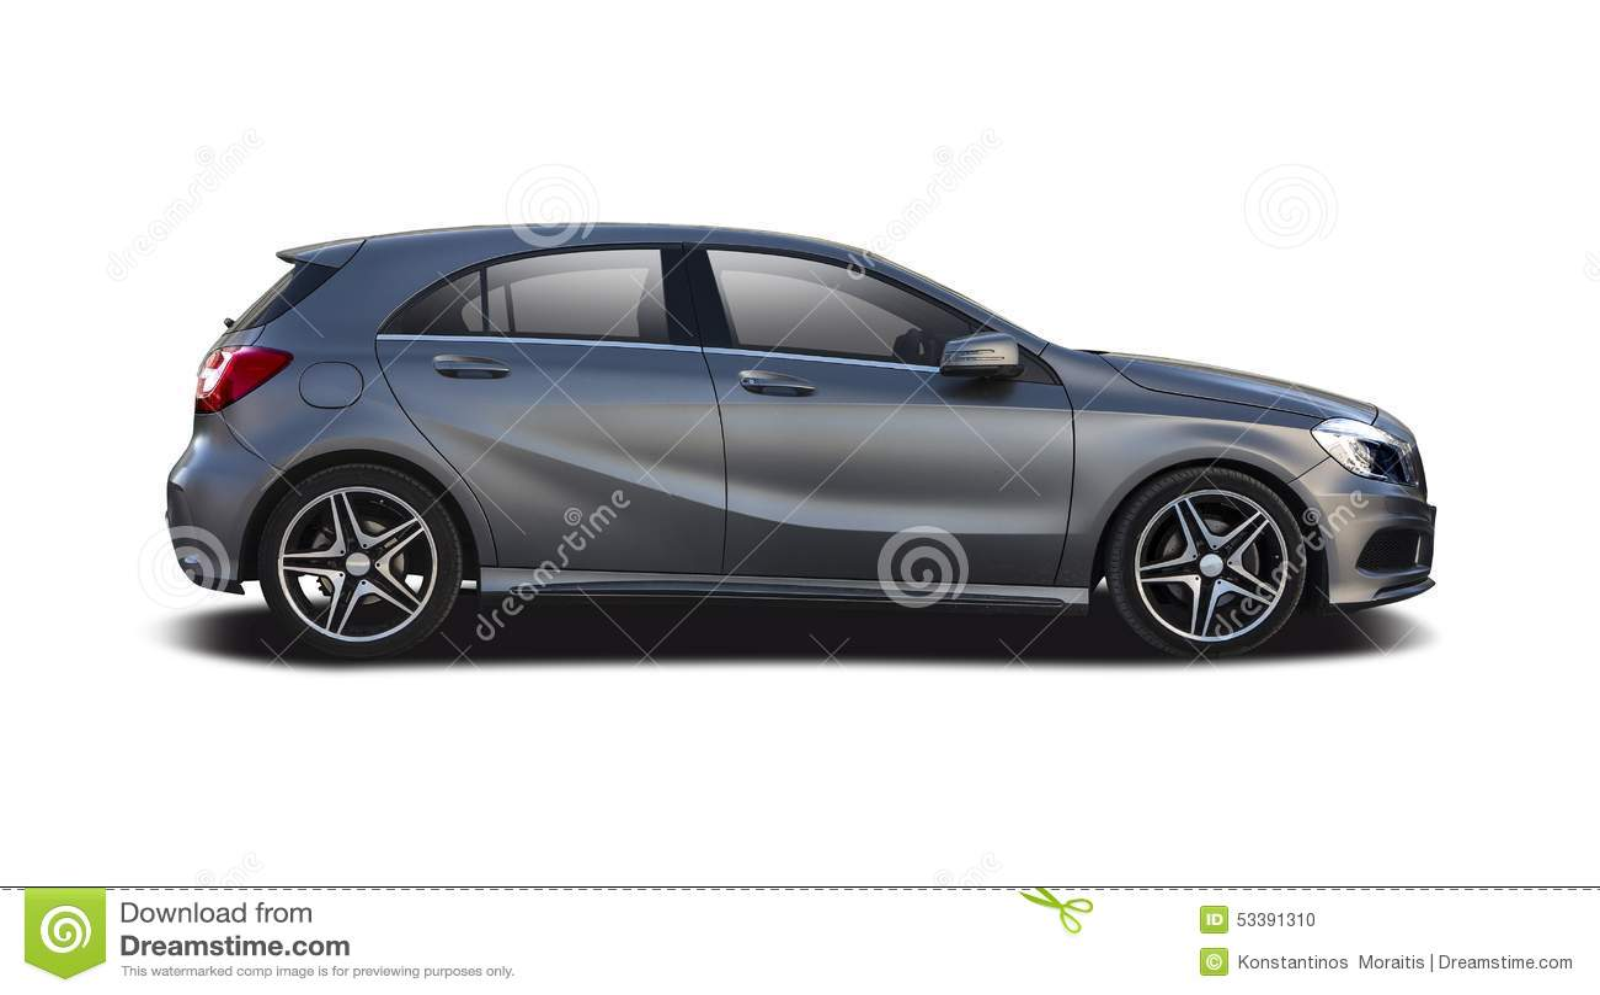 Α-κατηγορία της Mercedes στοκ εικόνες. εικόνα από οικογένεια - 53391310 35edc8621bc